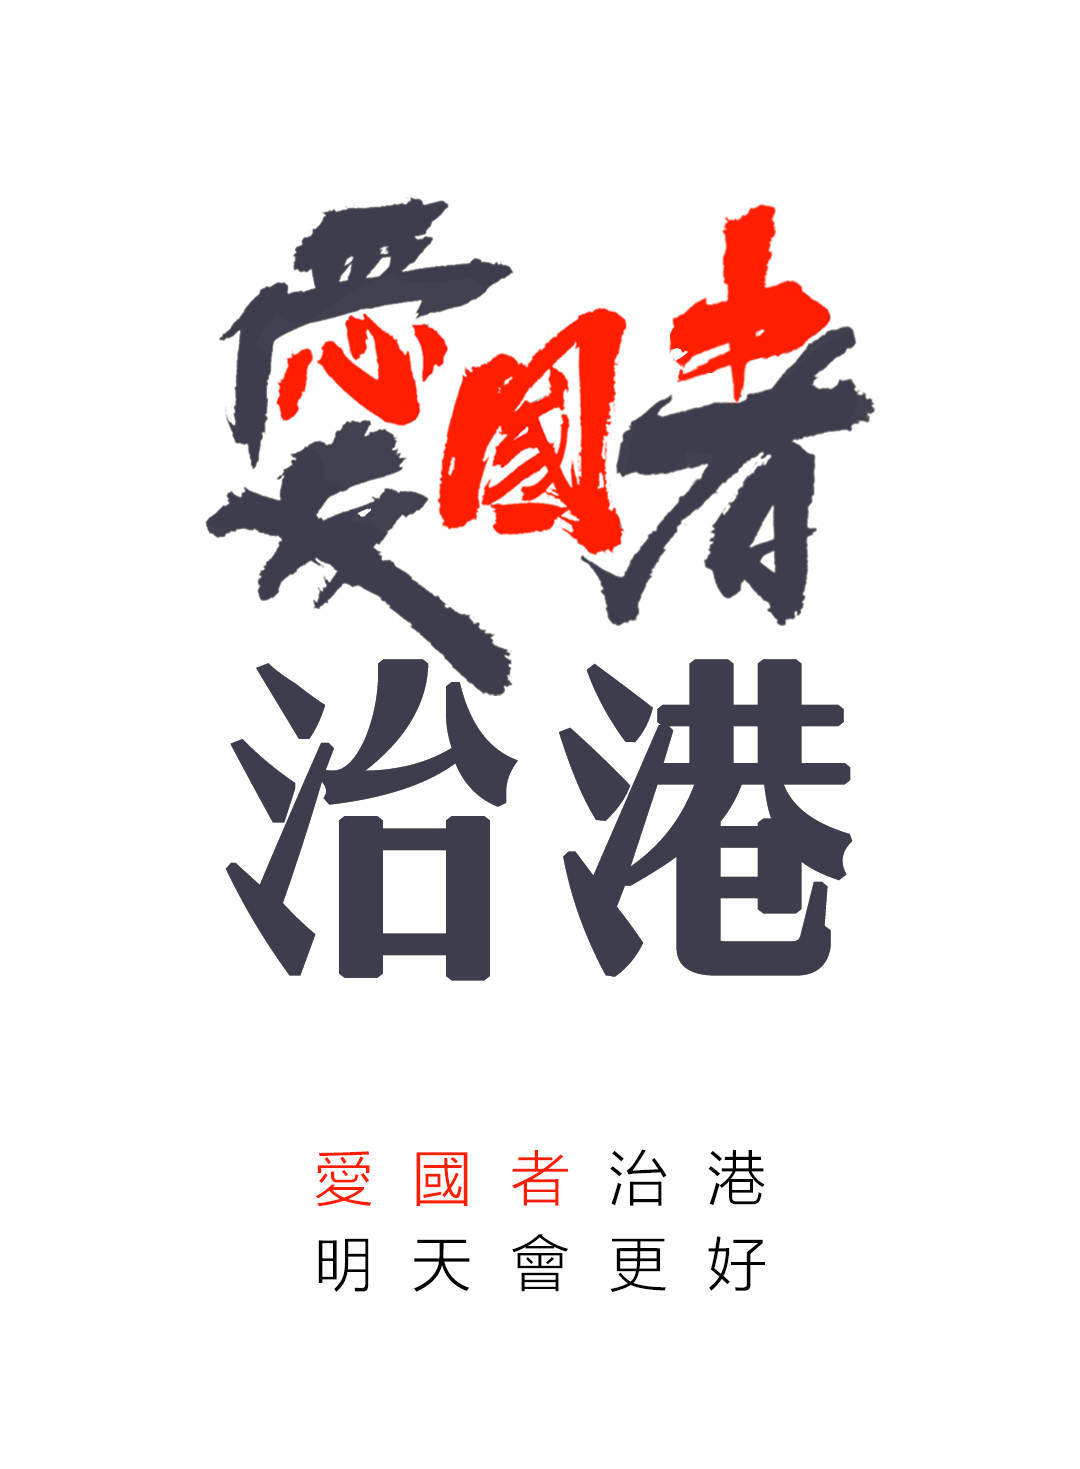 人民锐评:爱国者治港,香港明天会更好!